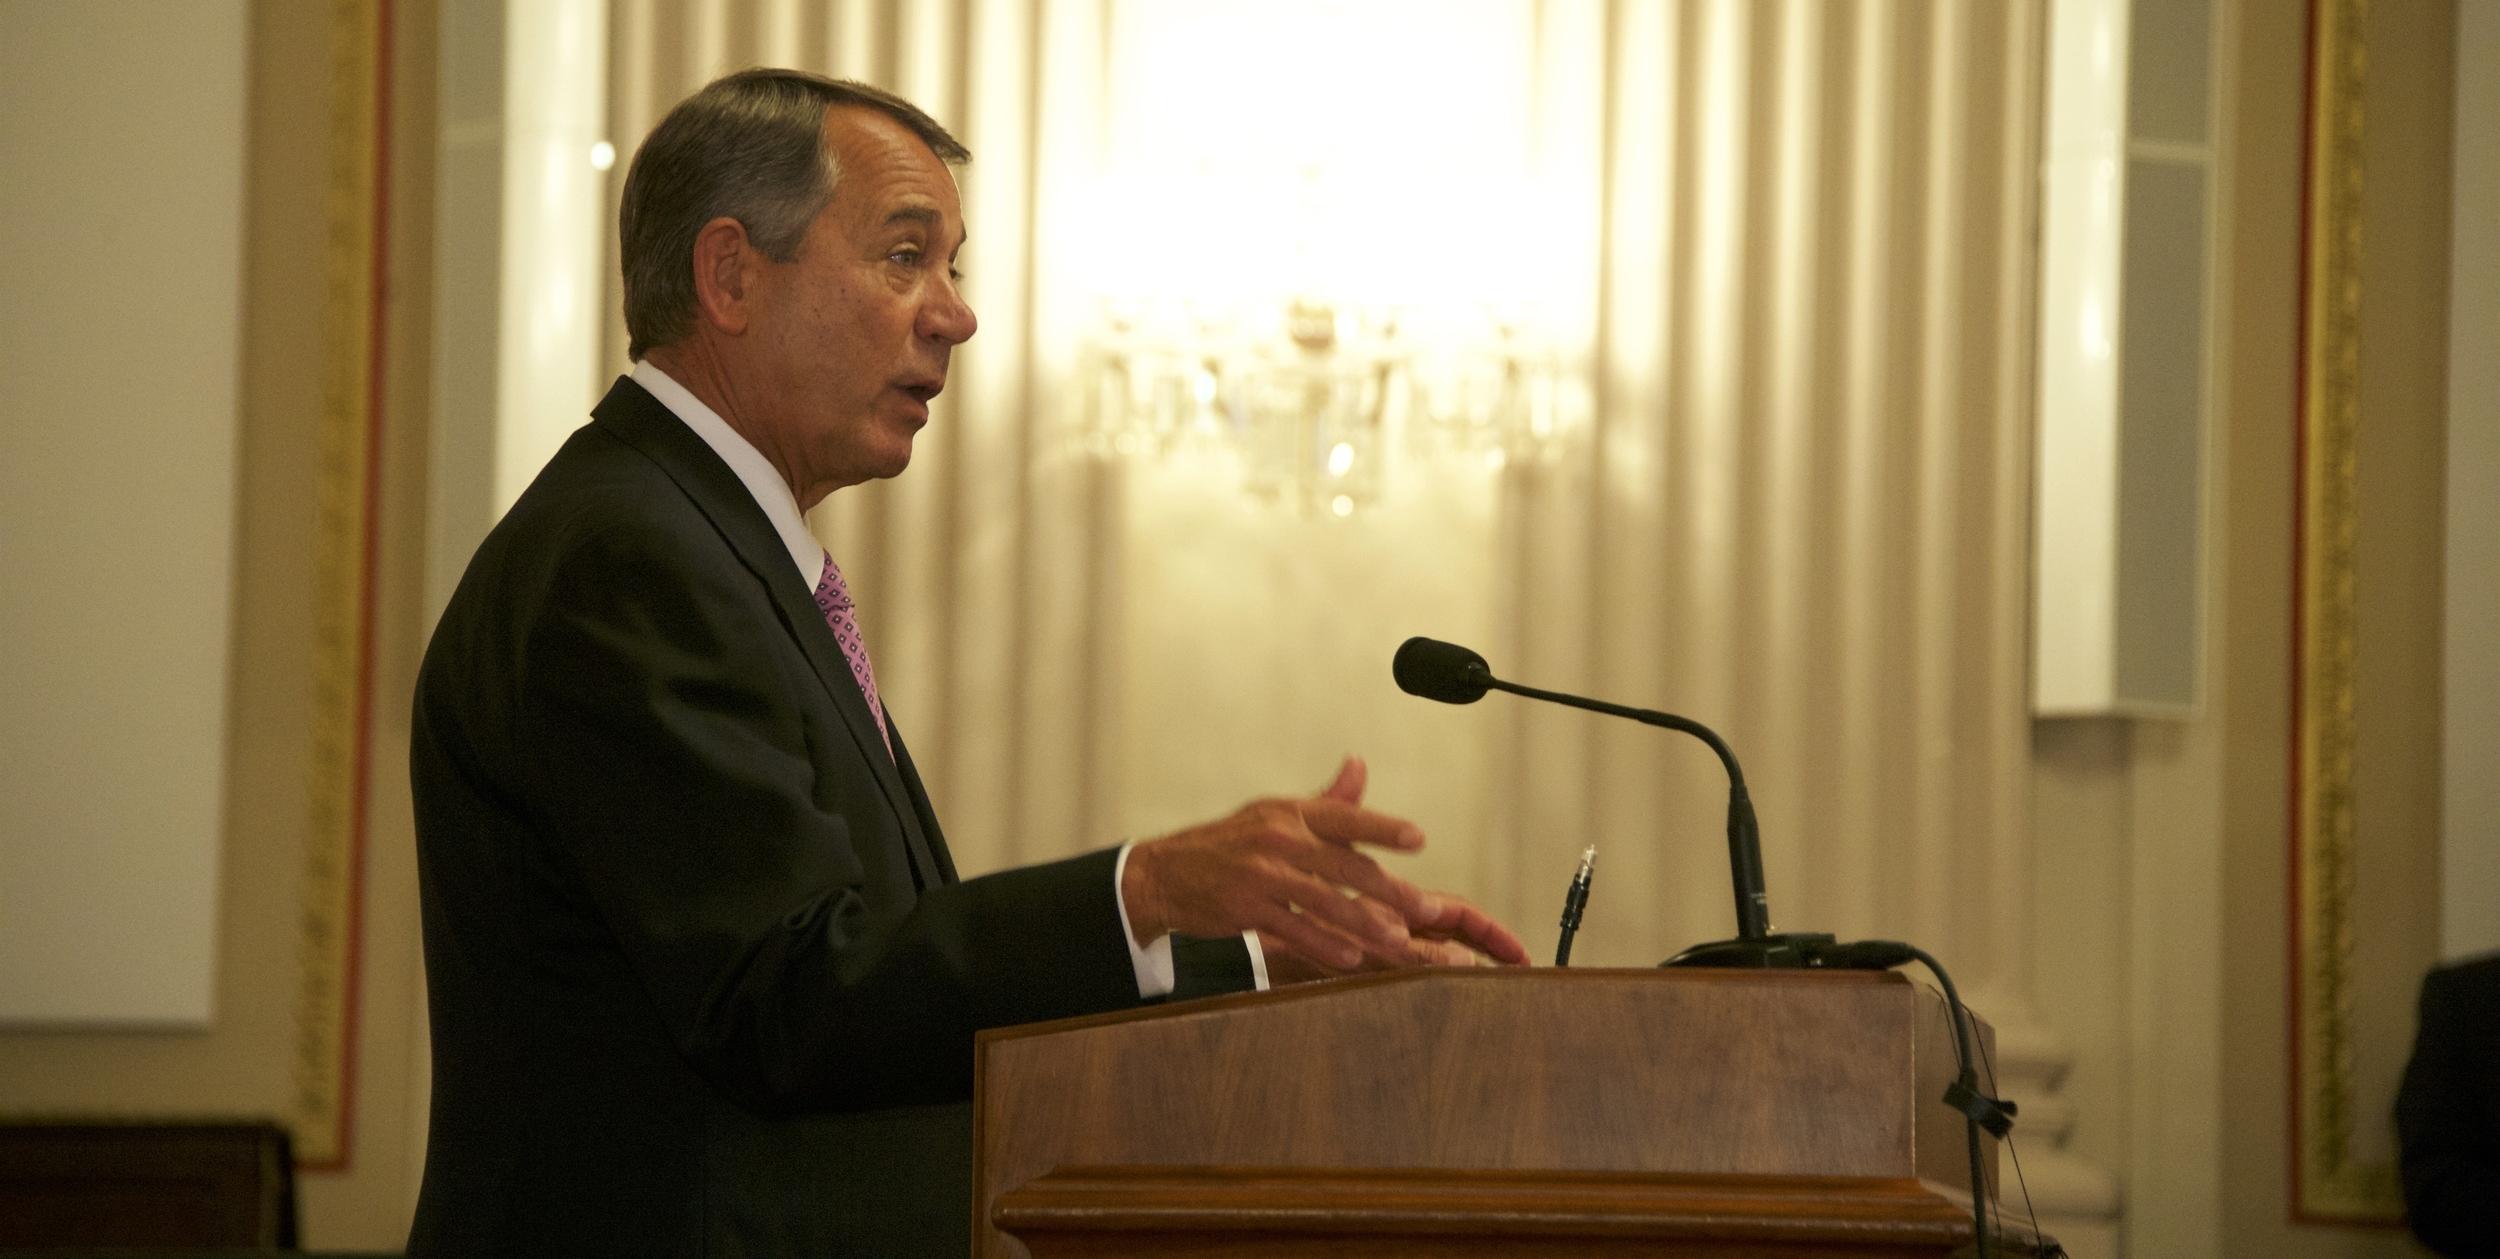 Former Speaker of the House, John Boehner